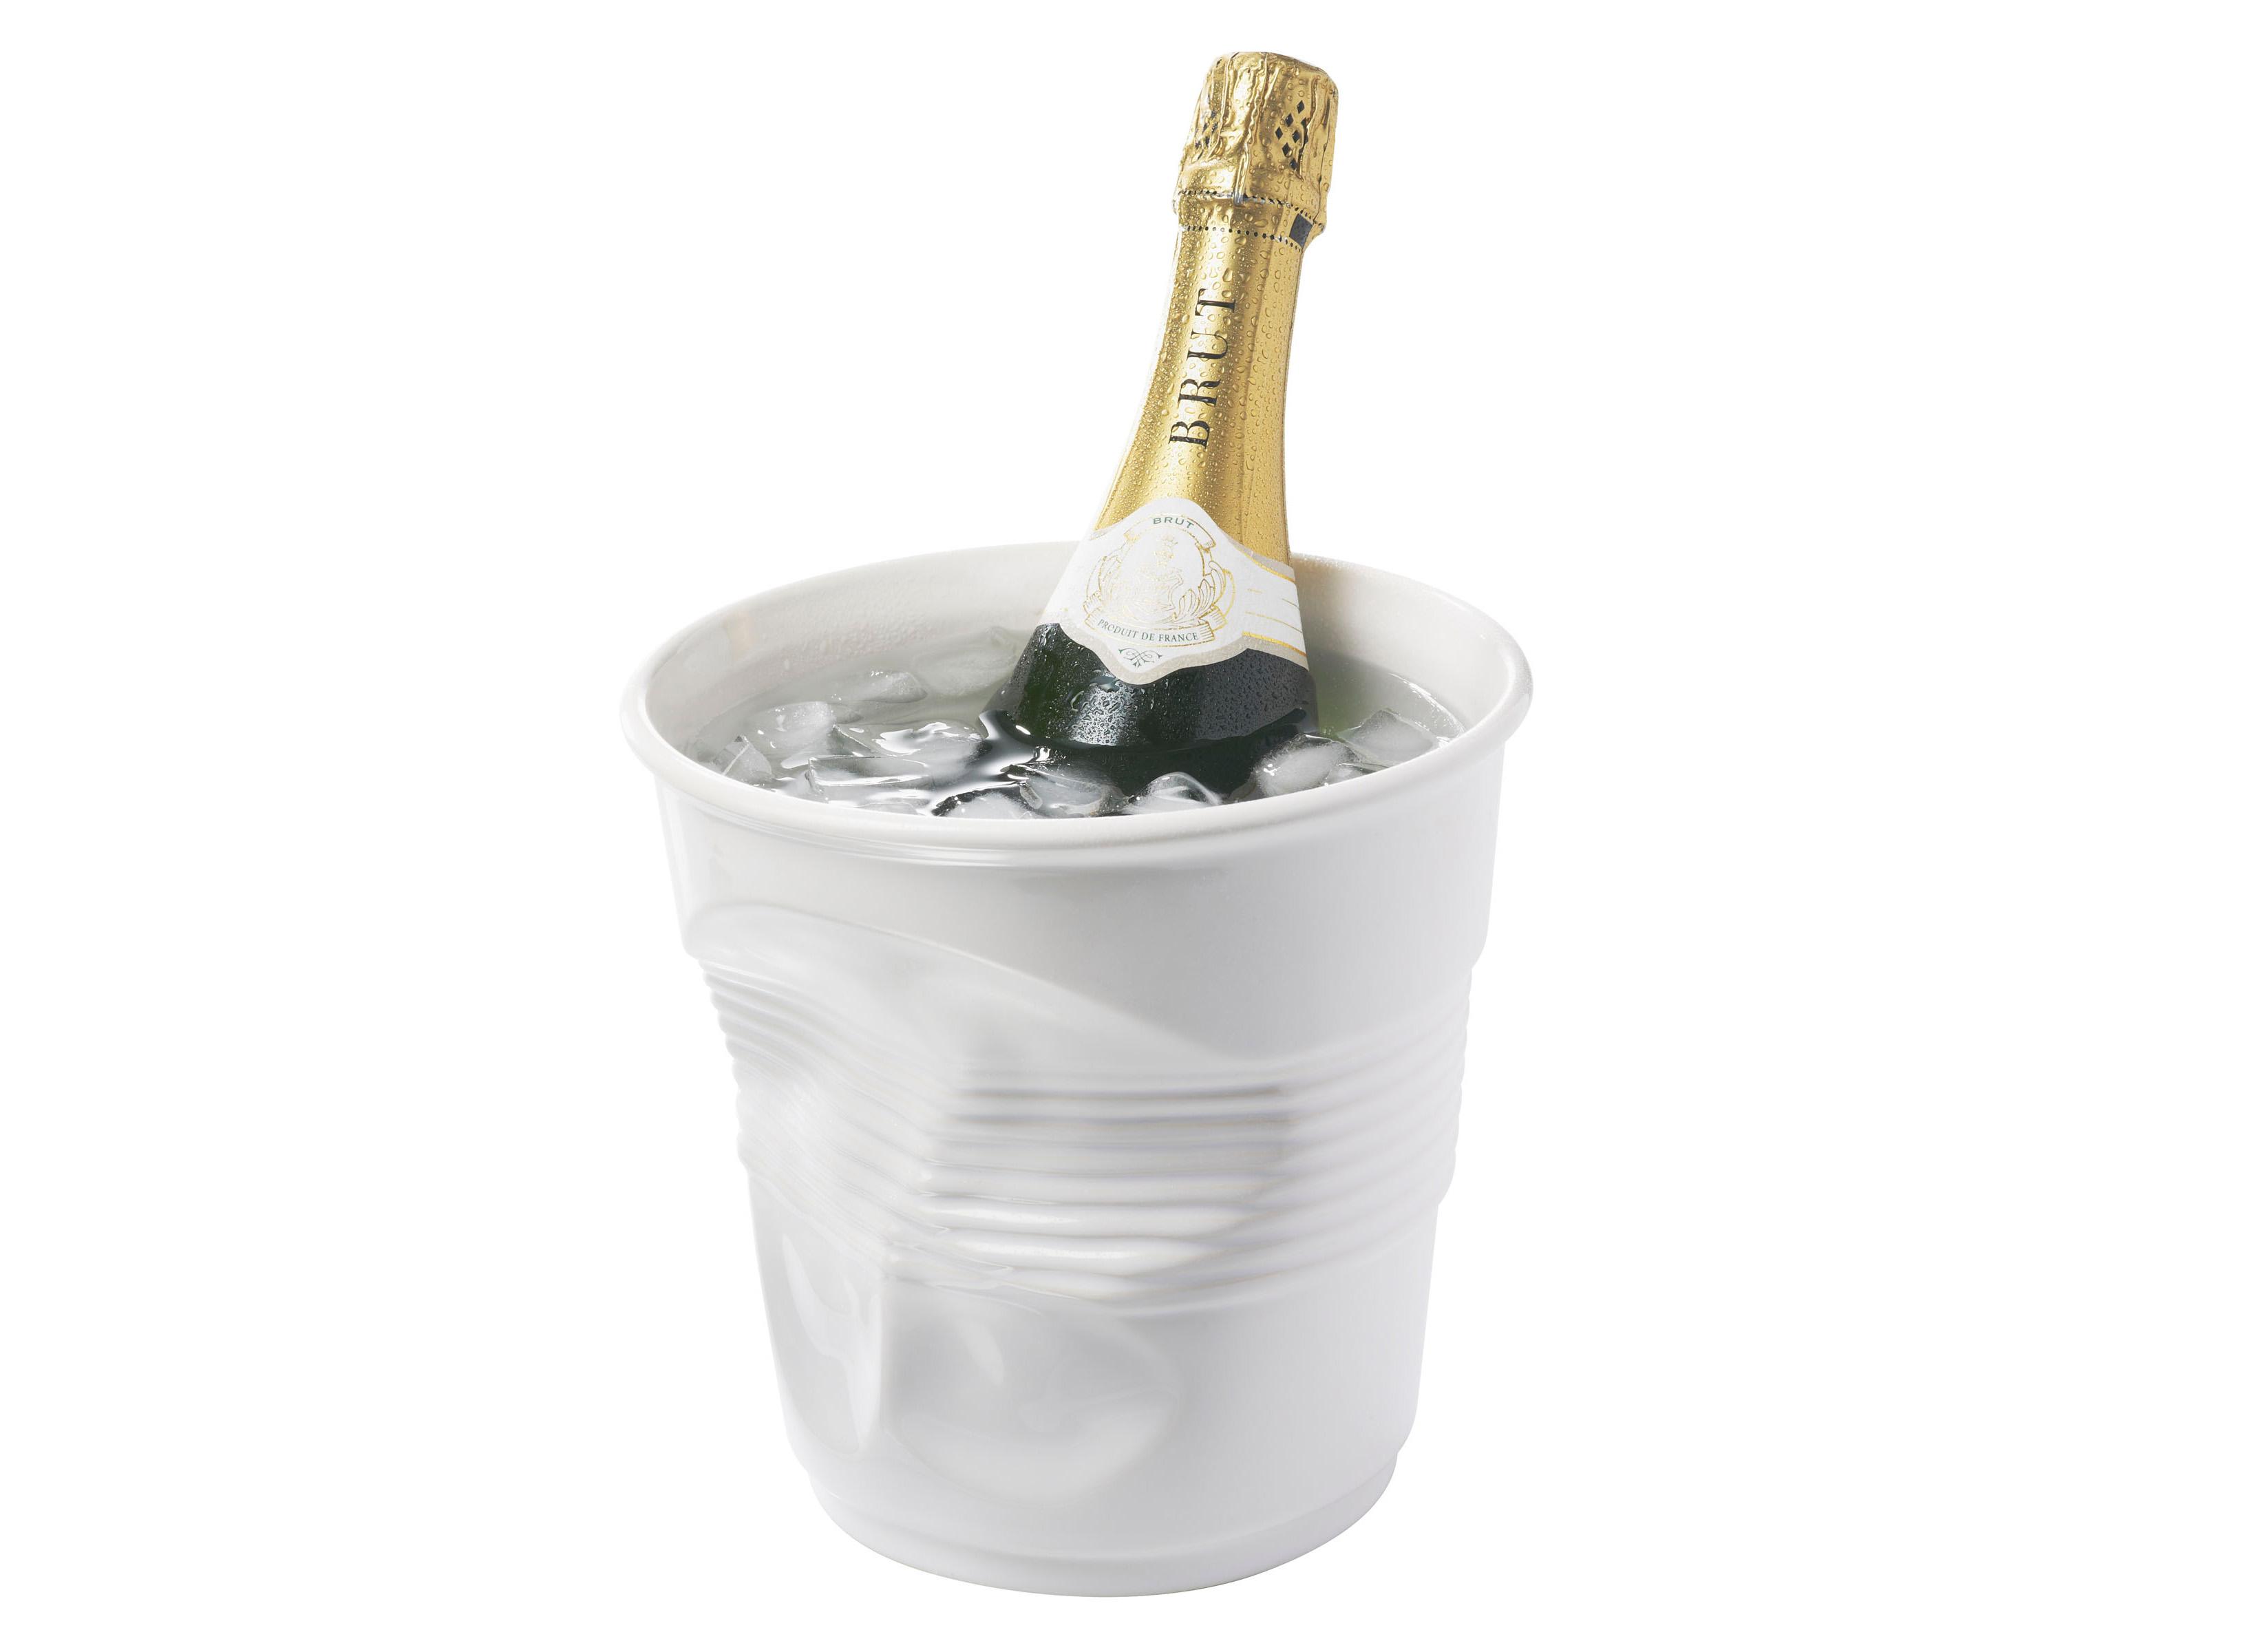 Ведро для шампанского из фарфора